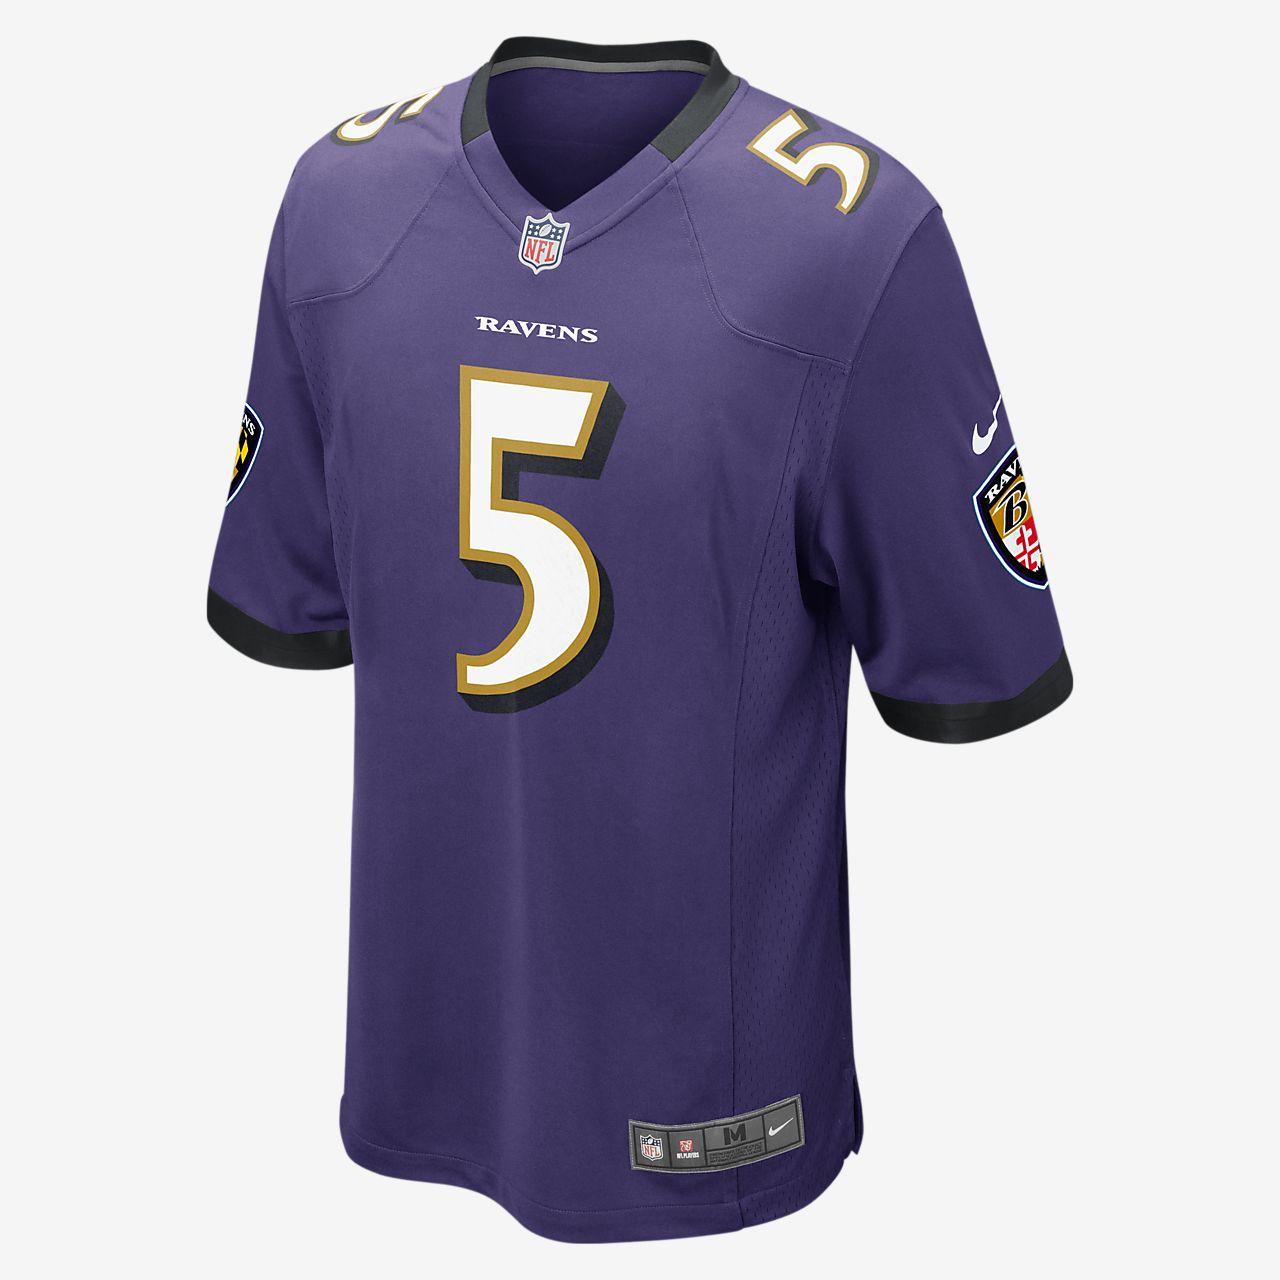 Мужское джерси для американского футбола для игры на своем поле NFL Baltimore Ravens (Joe Flacco)